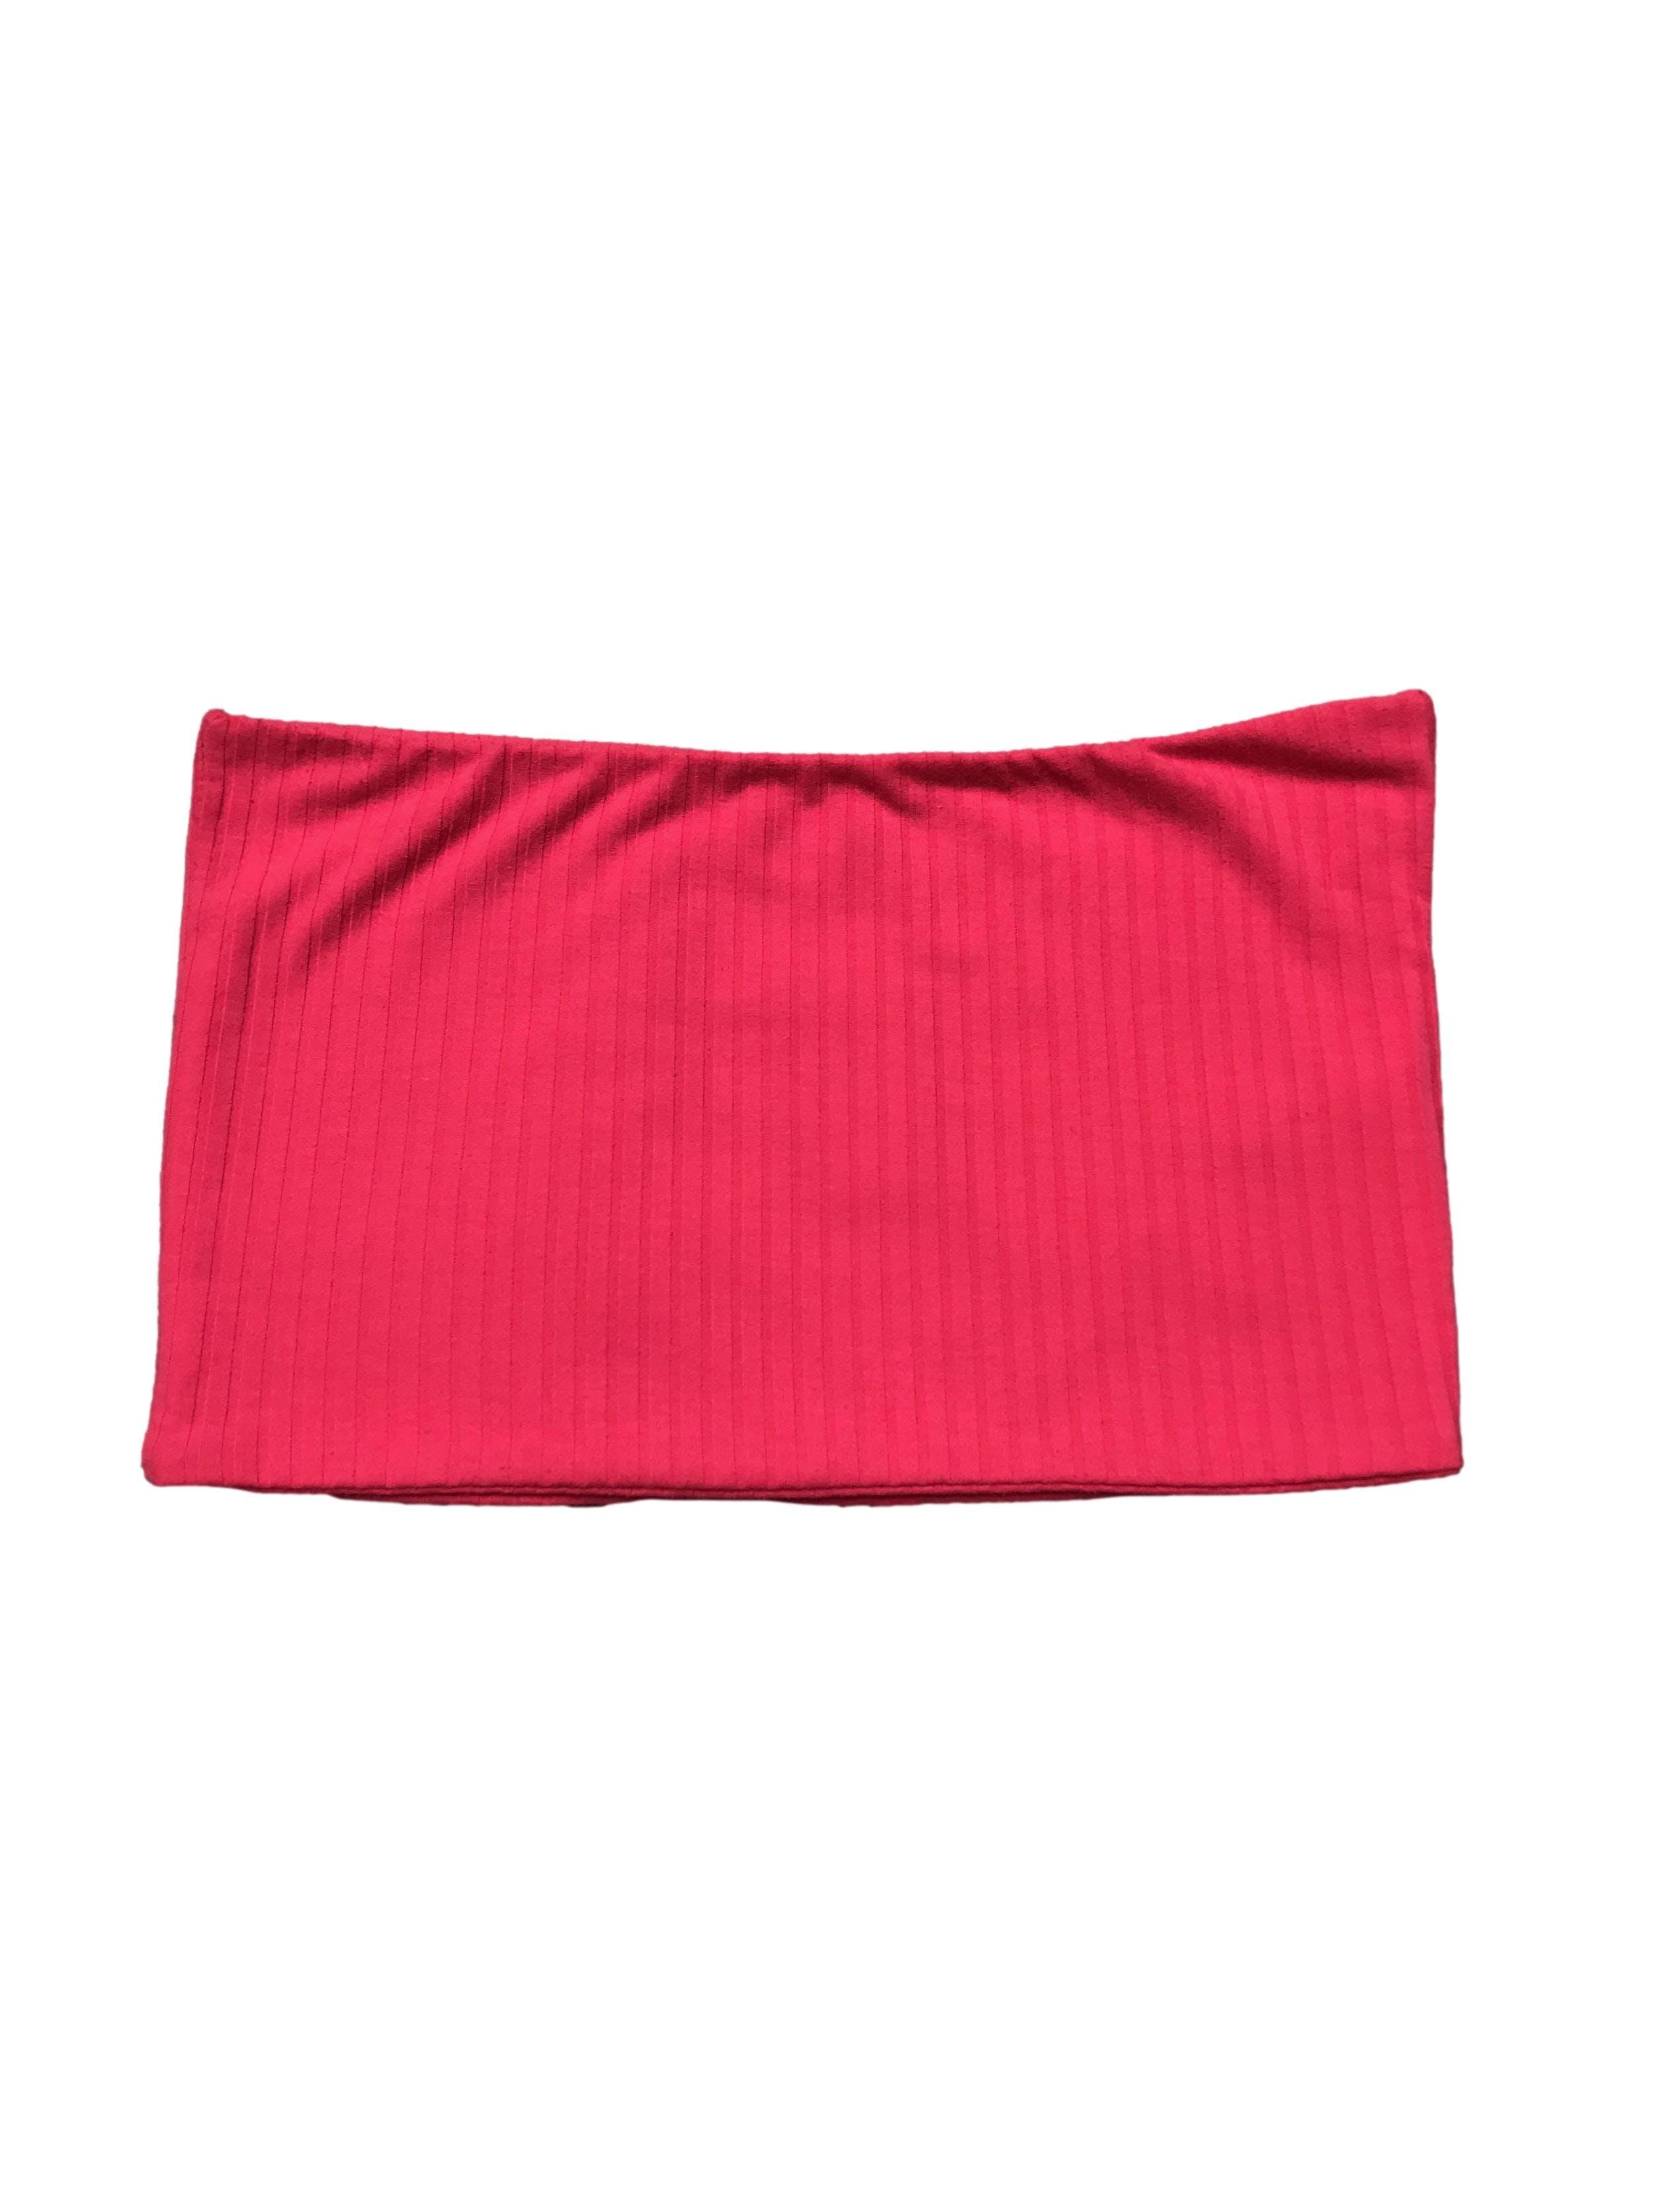 Top Sybilla strapless de doble capa de tela acanalada.  Largo 22cm